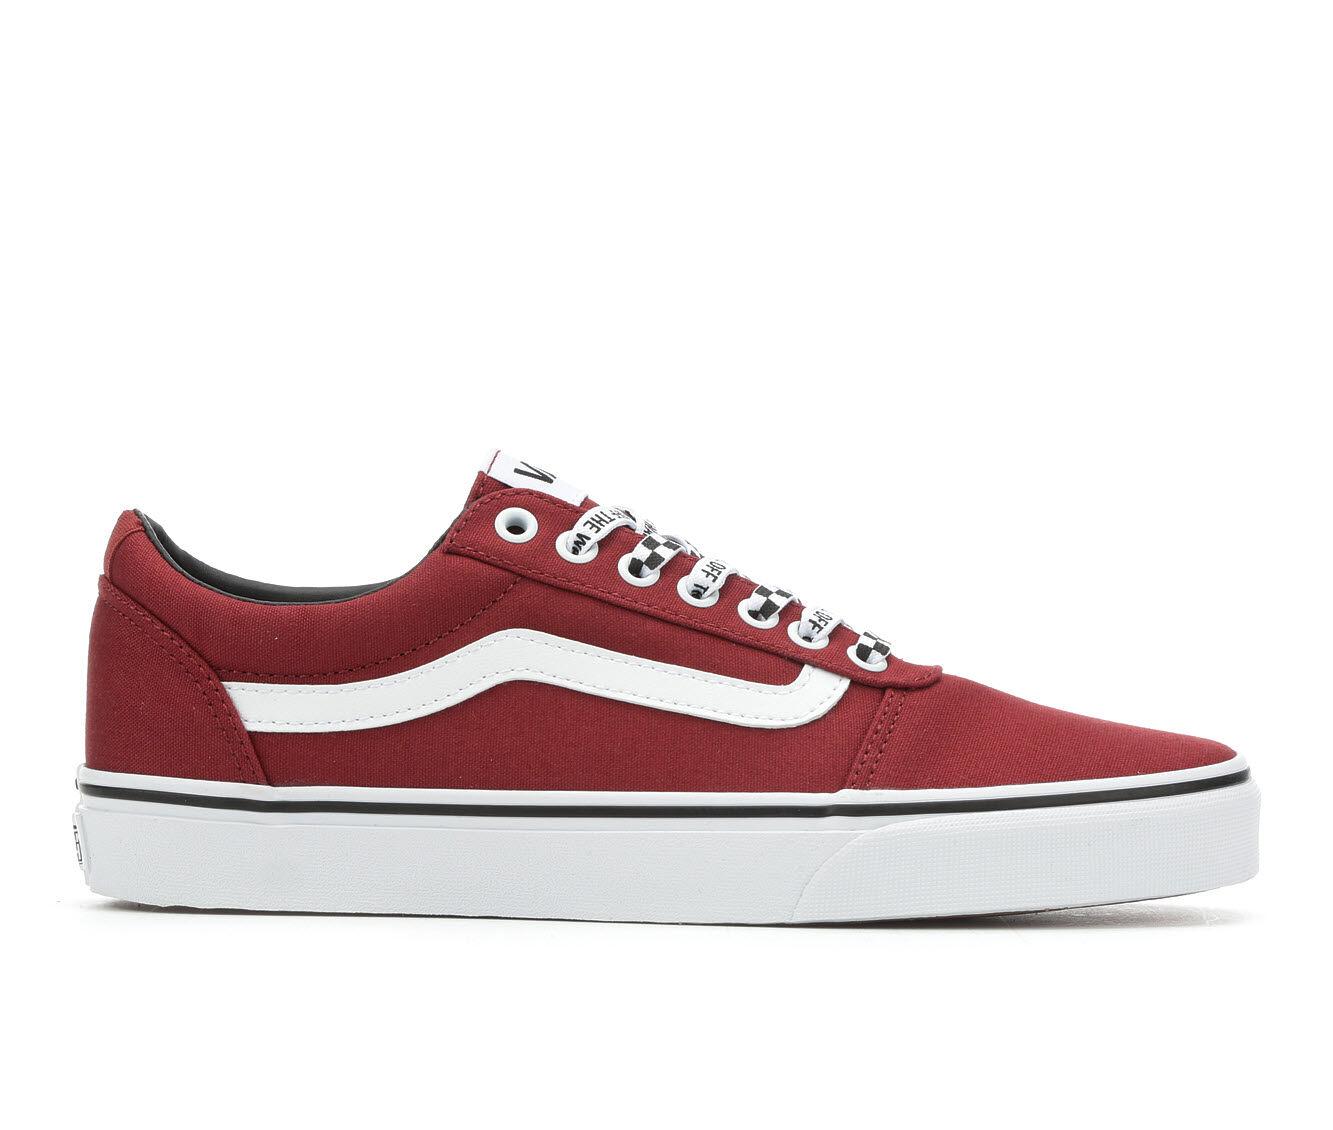 Men's Vans Ward Skate Shoes   Shoe Carnival